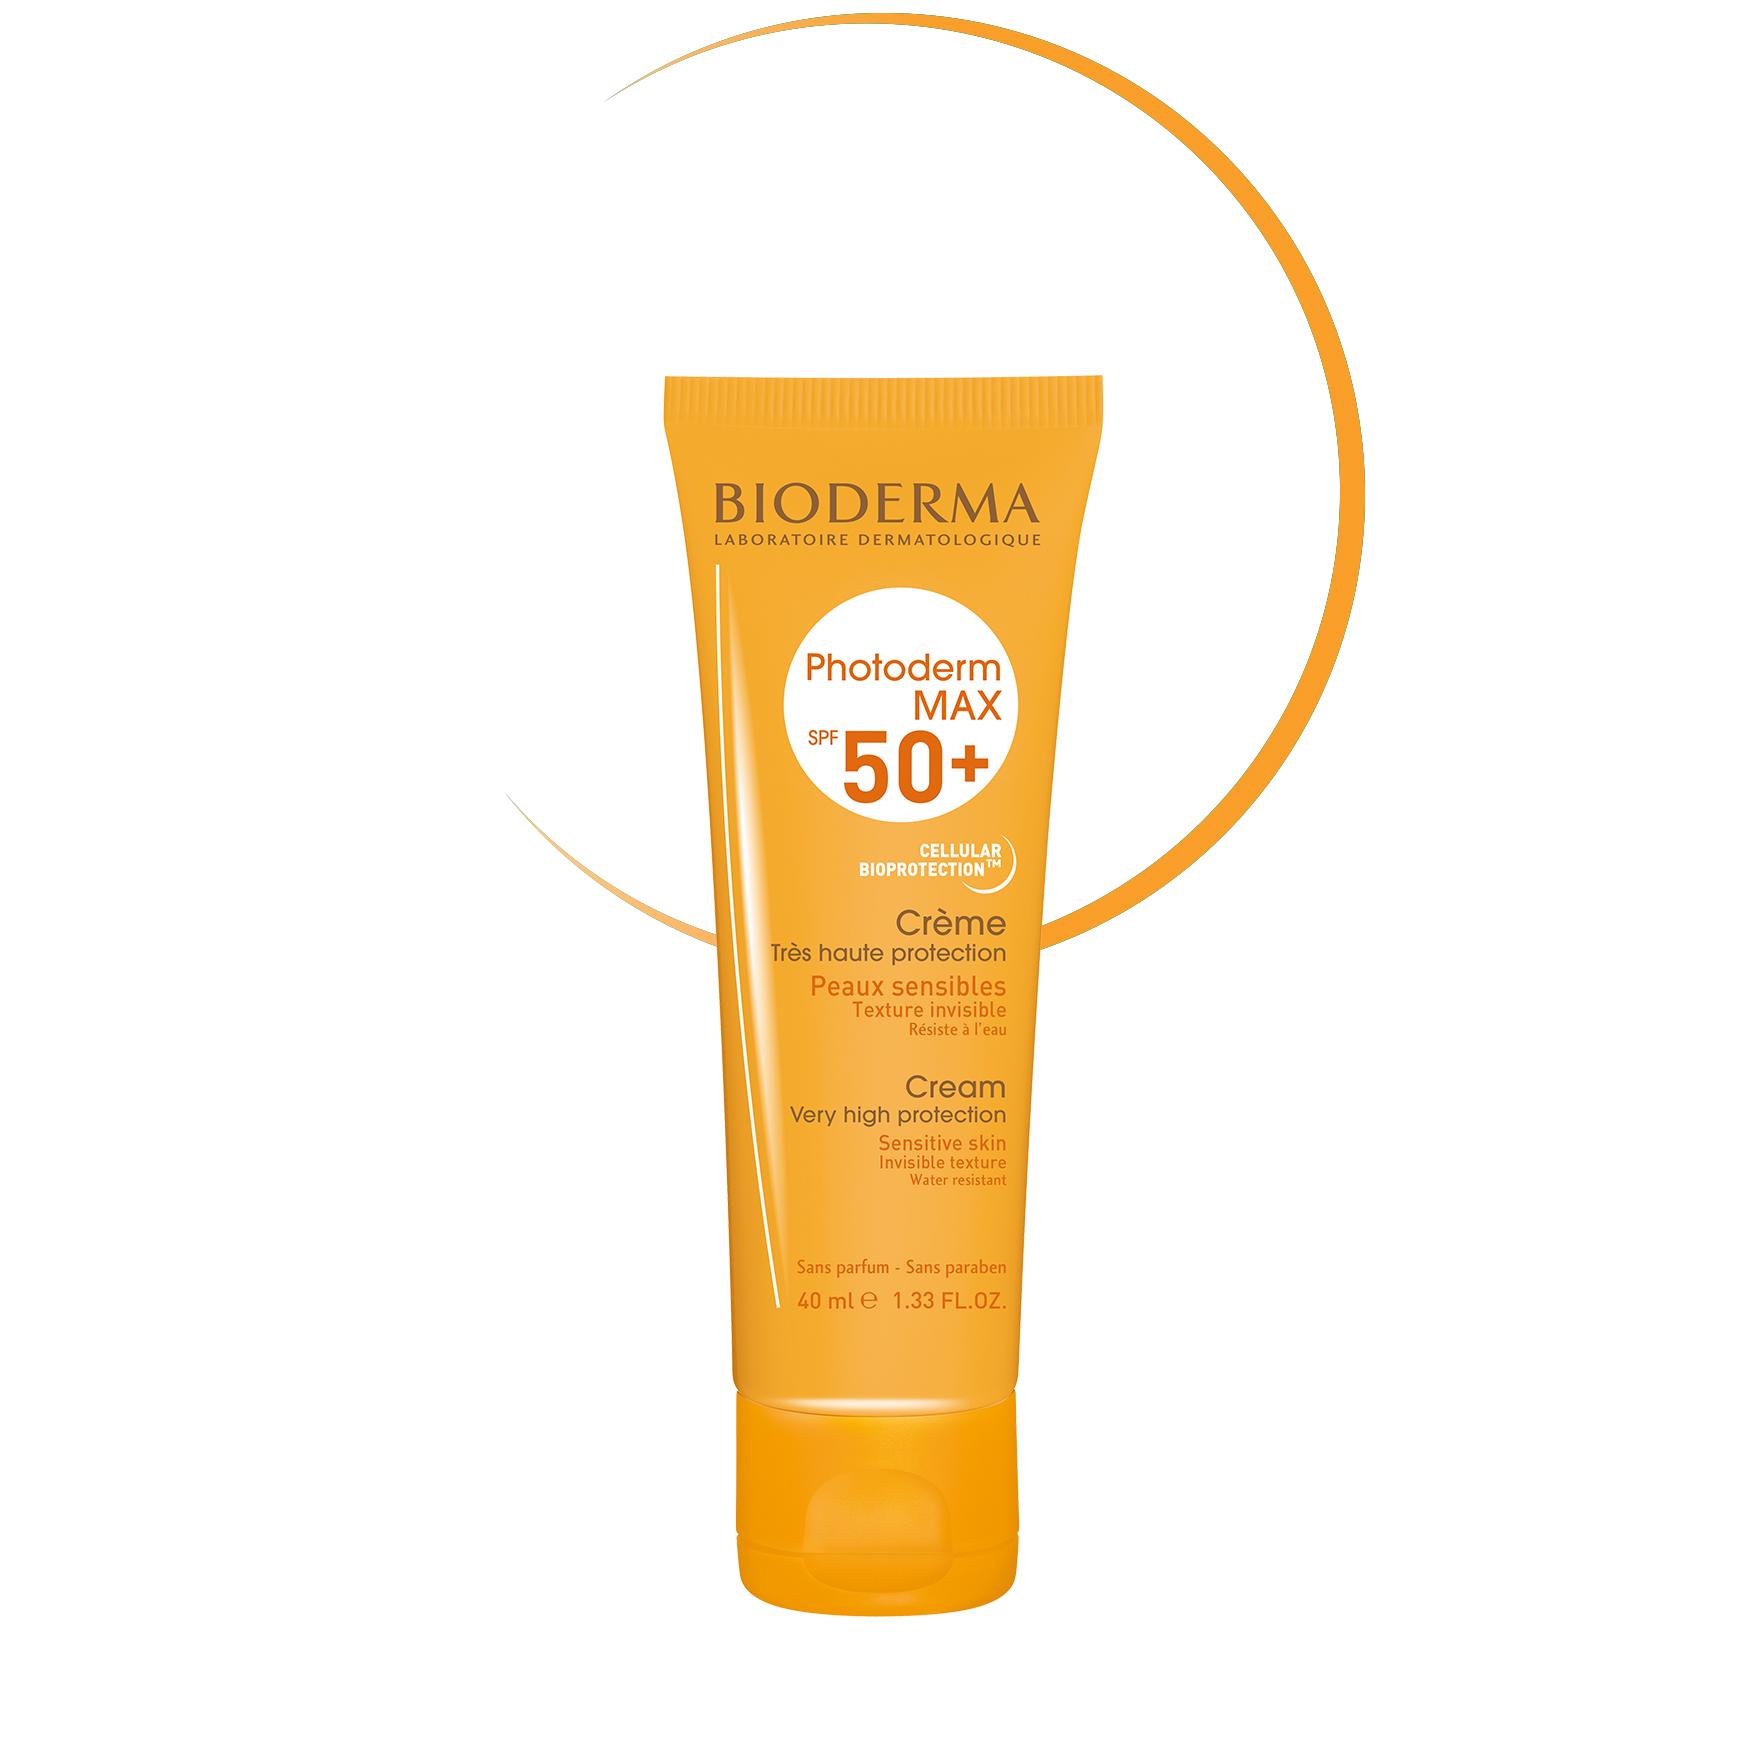 Что такое spf фактор в солнцезащитных кремах?